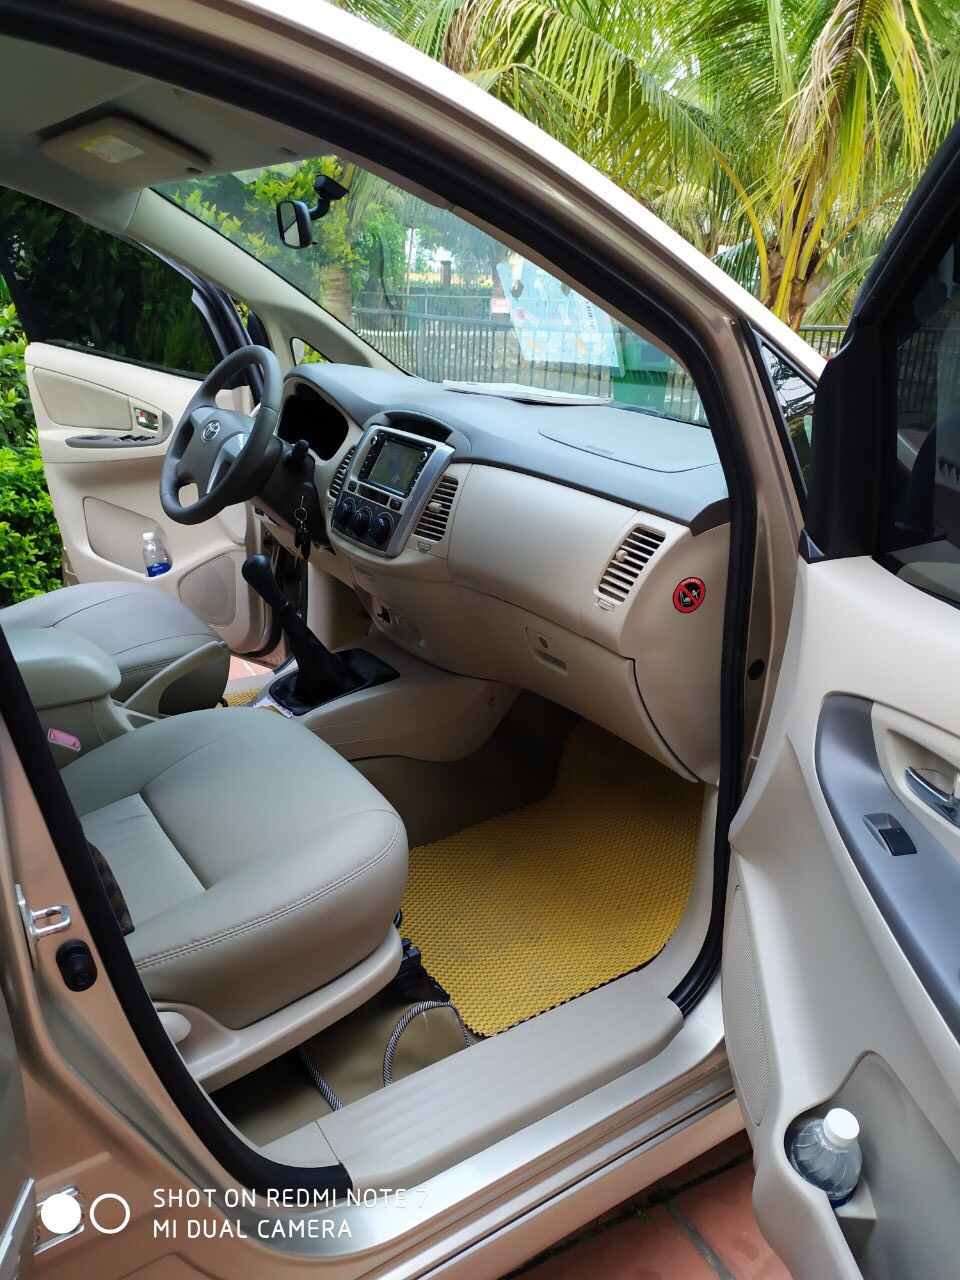 Tôi cần bán chiếc xe ô tô Toyota Innova 2.0E màu ghi vàng 2015